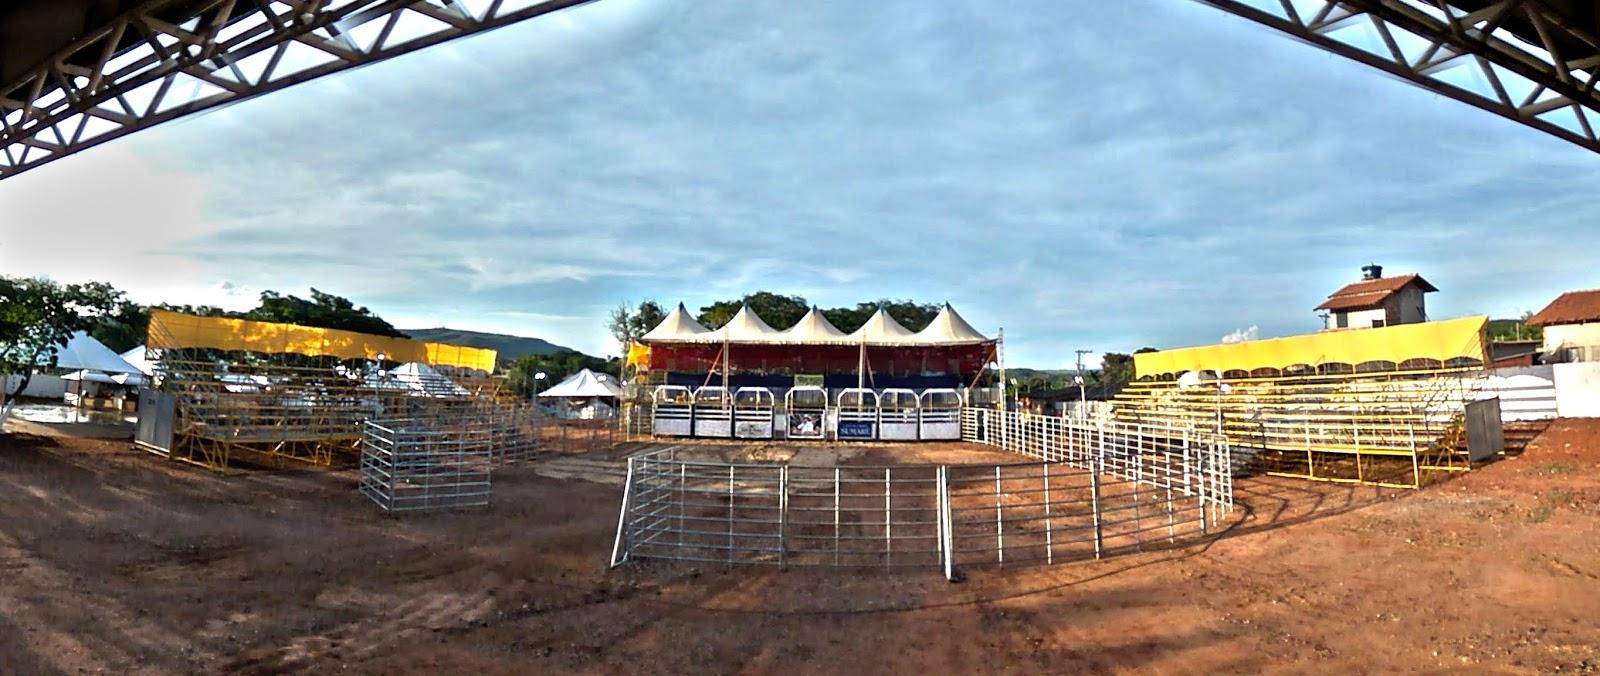 Circuito Rodeio 2018 : Circuito de rodeio profissional de cordisburgo começa hoje